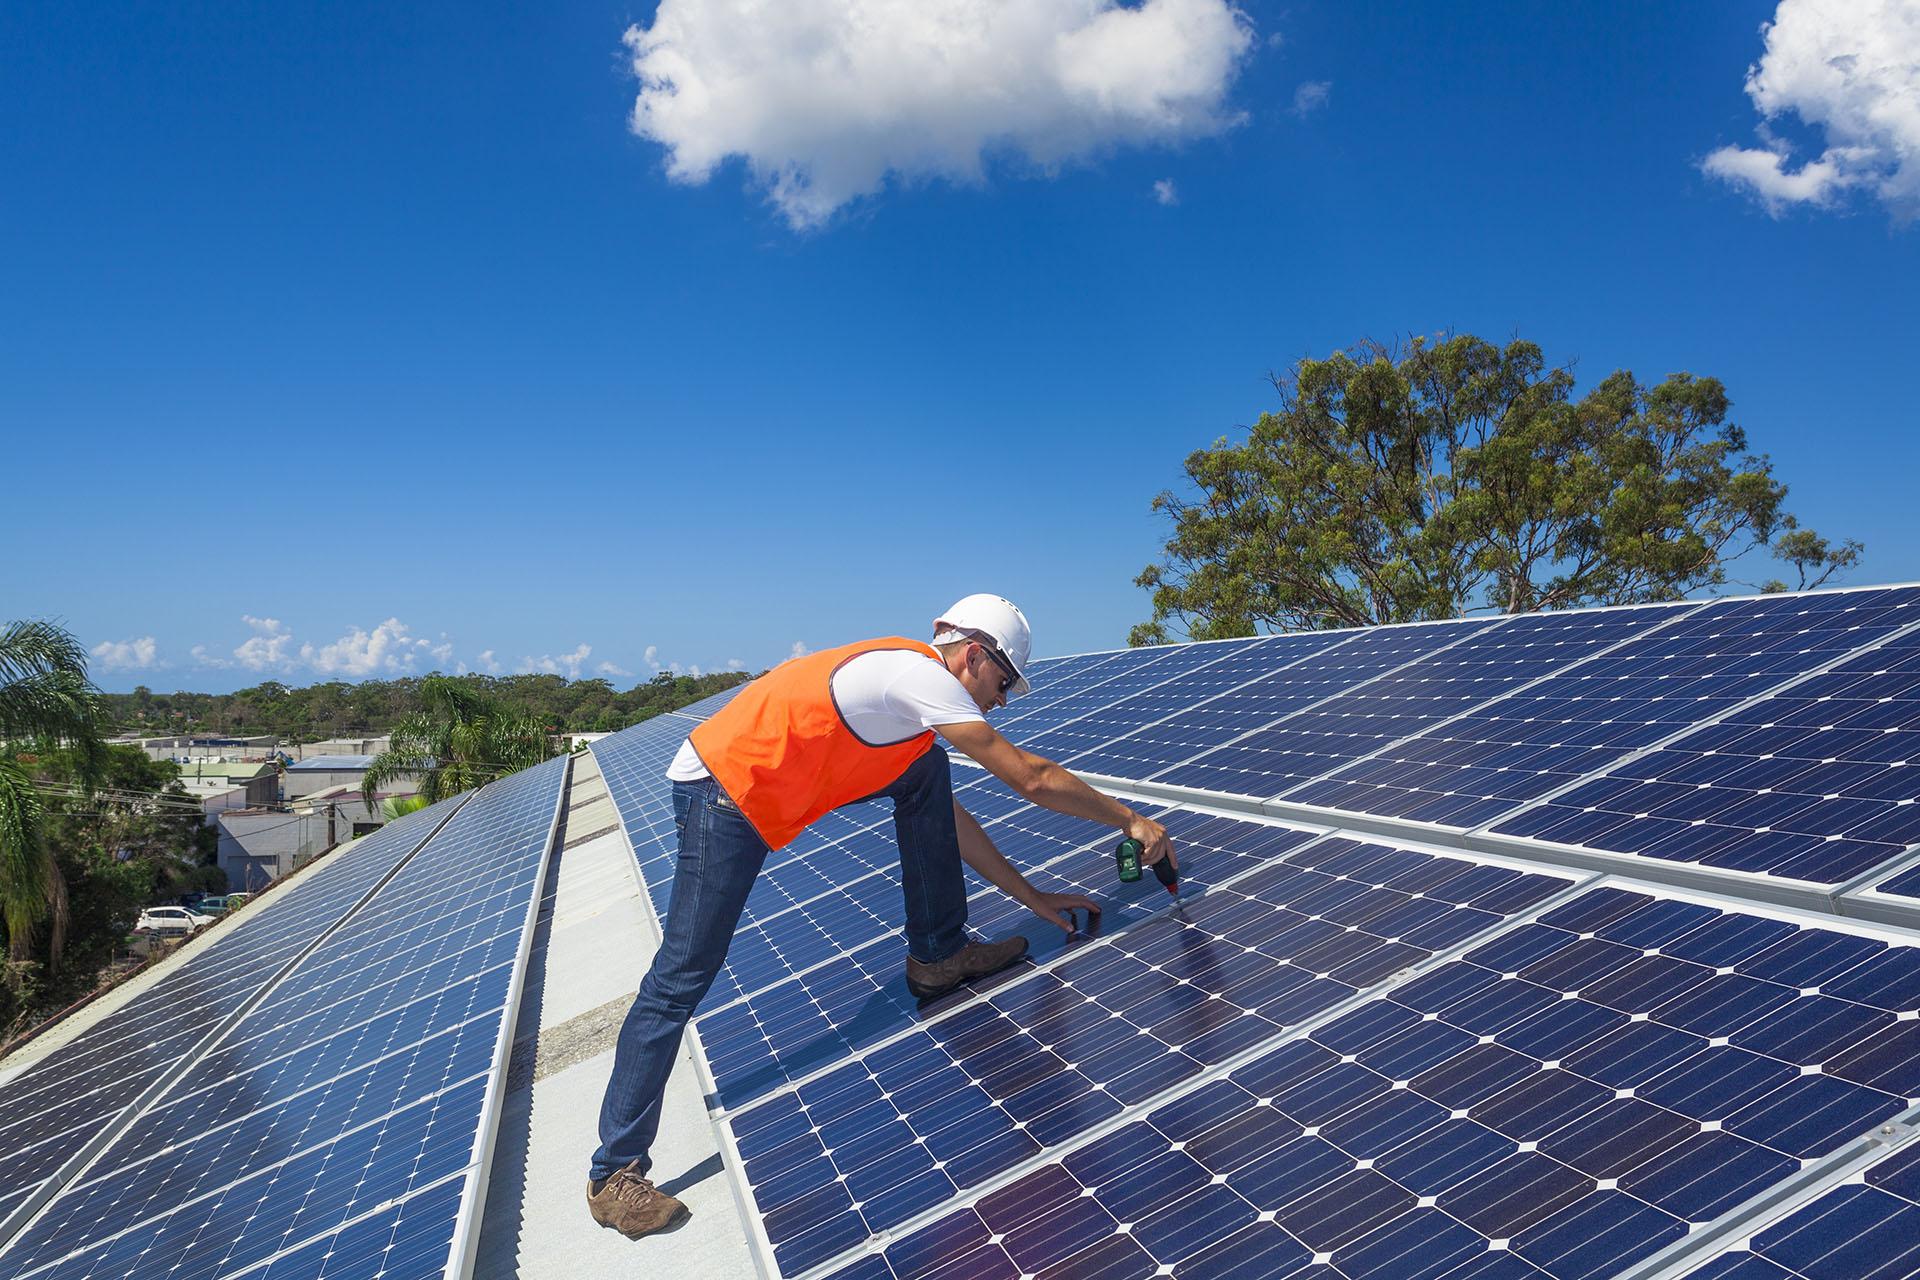 Nietrudno spostrzec, że dobrym pomysłem jest zespolenie paneli fotowoltaicznych z kolektorami słonecznymi.